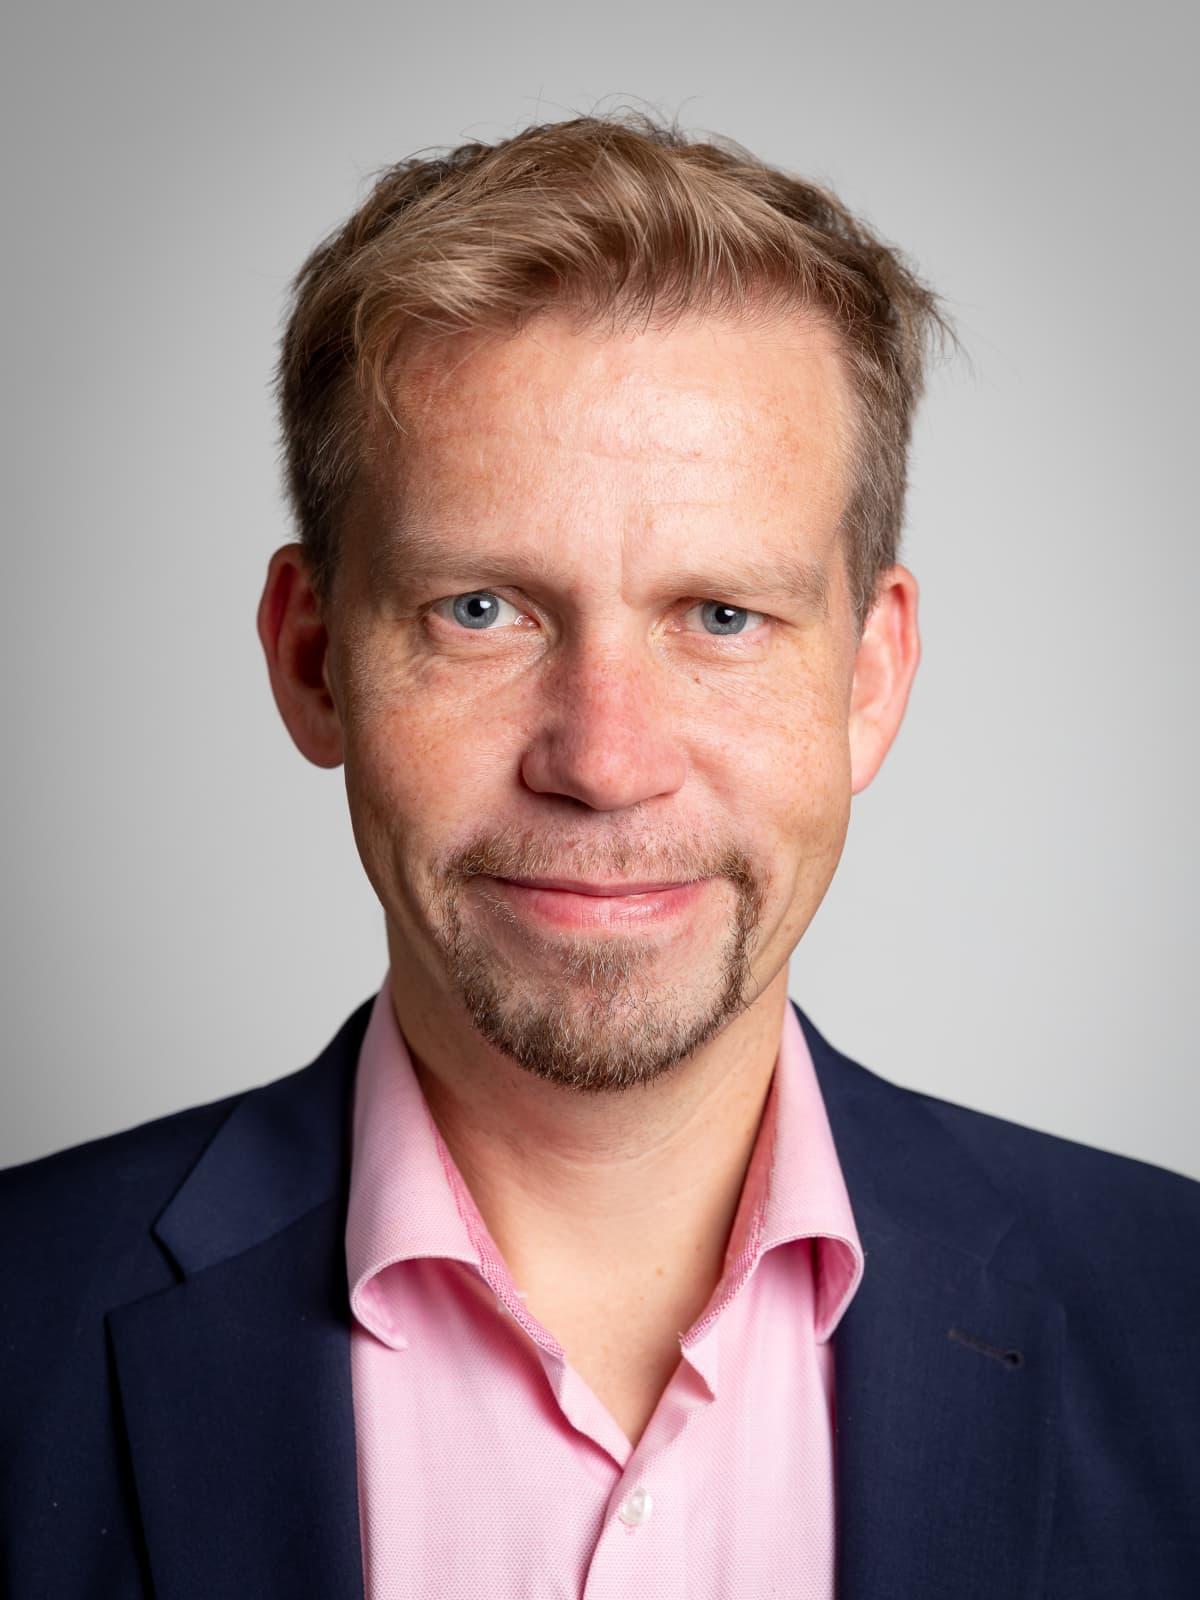 Turun yliopiston terveystaloustieteen professori Mika Kortelainen.